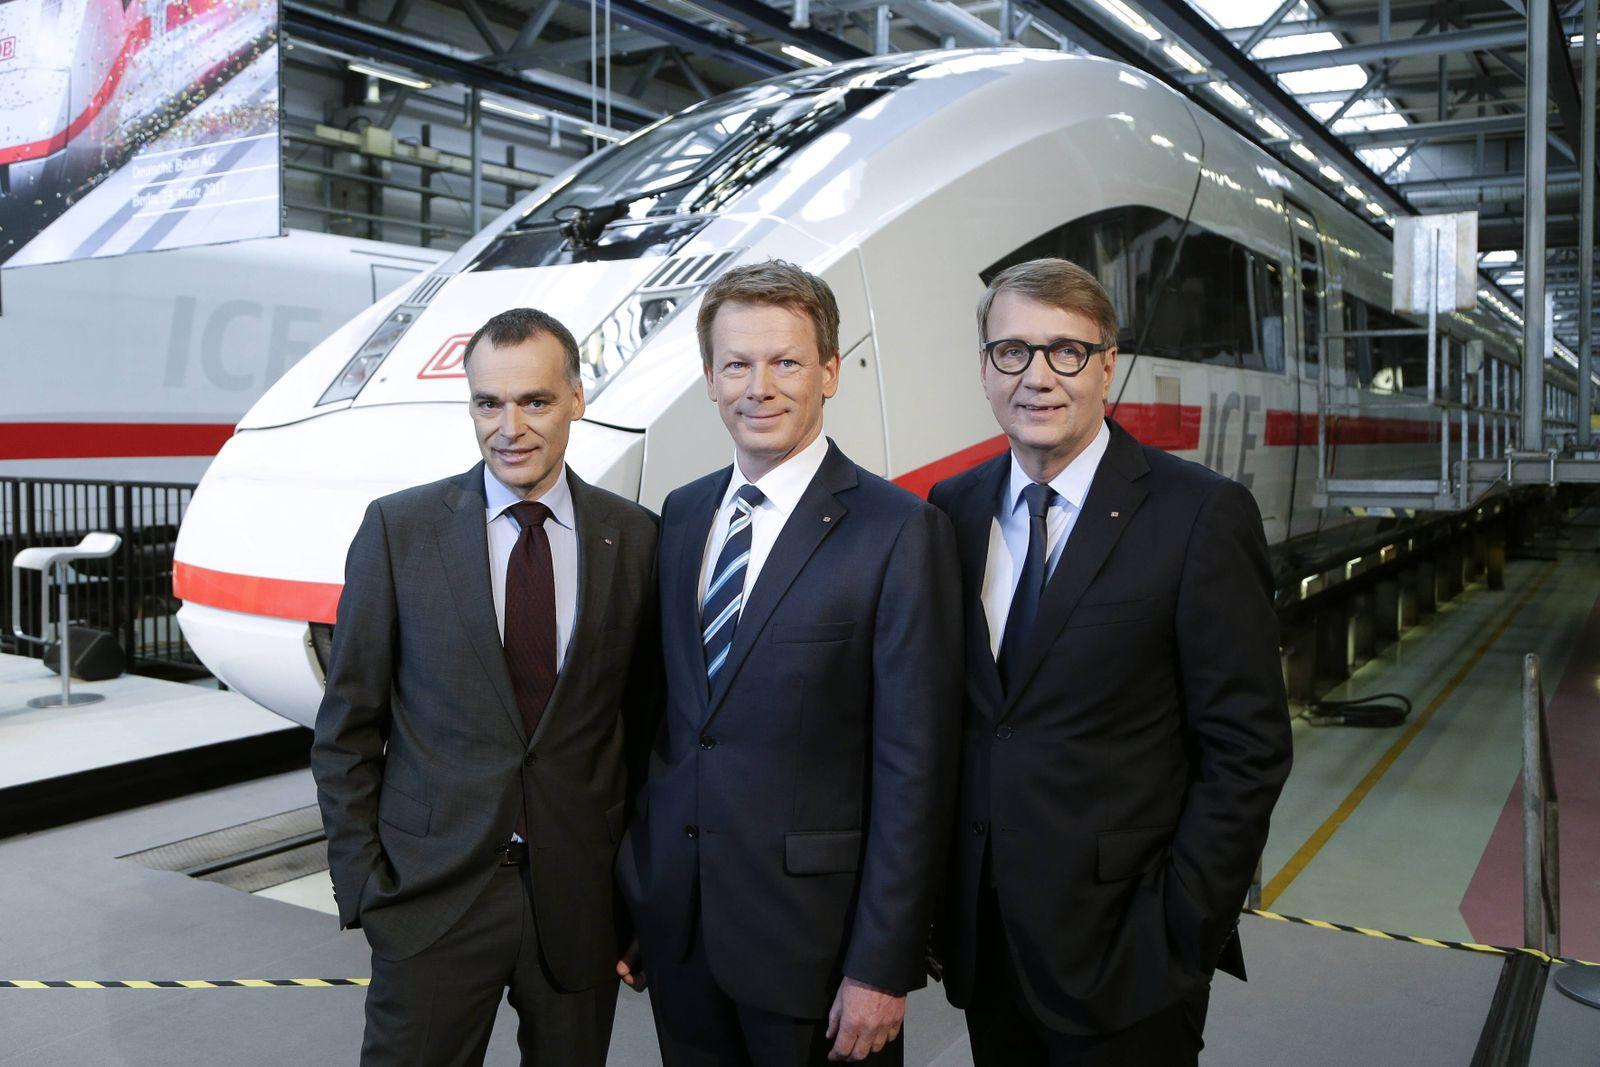 23 03 2017 Berlin Deutschland Bilanz Pressekonferenz der Deutsche Bahn AG mit dem neuen Vorstand